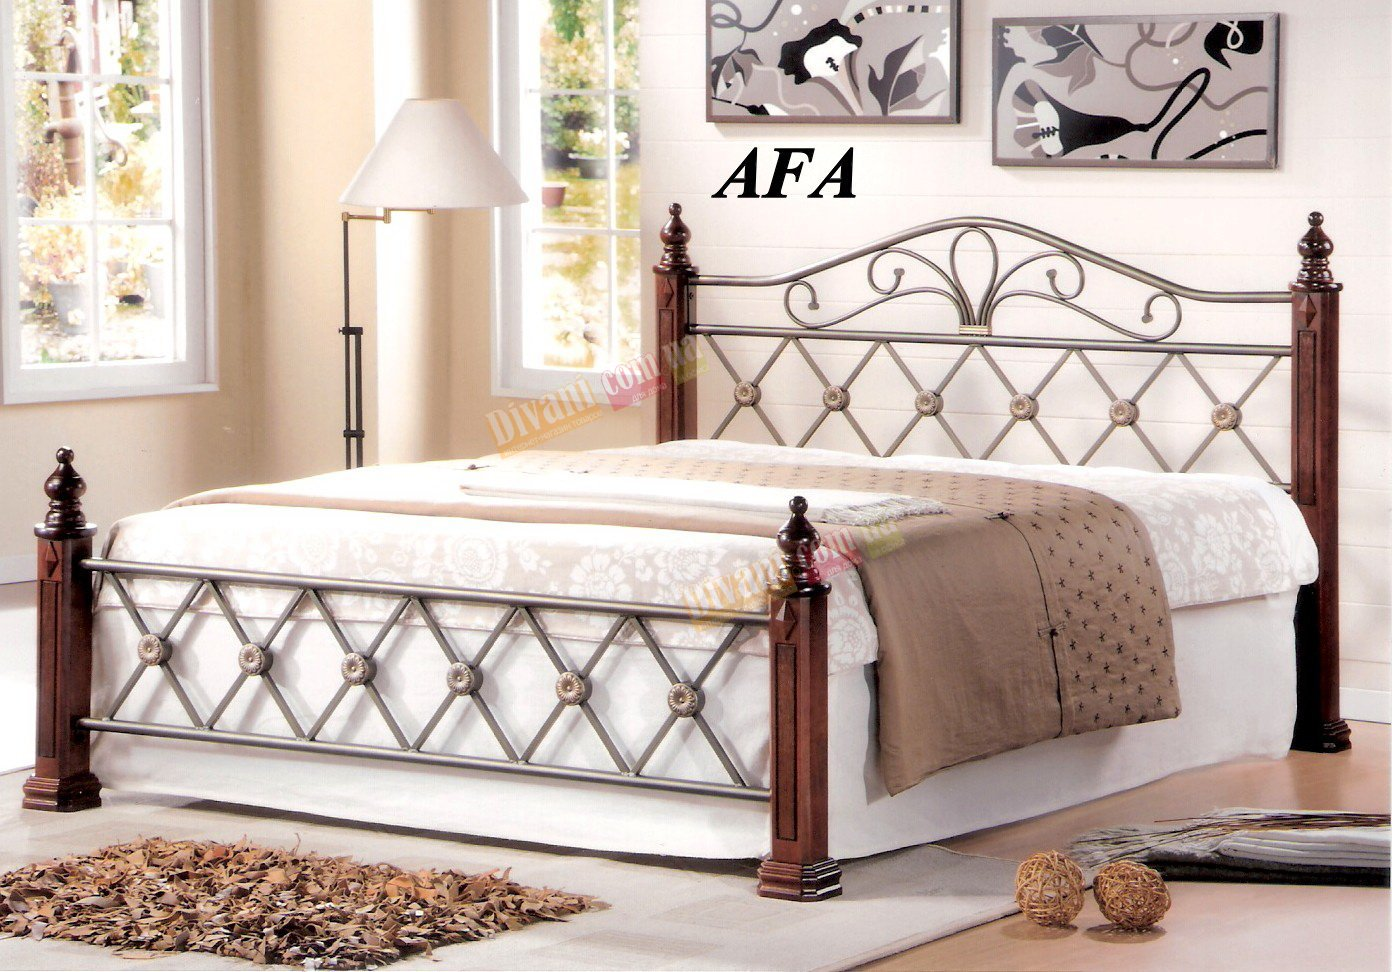 Кровать Onder Metal Metal&Wood AFA 200x160см